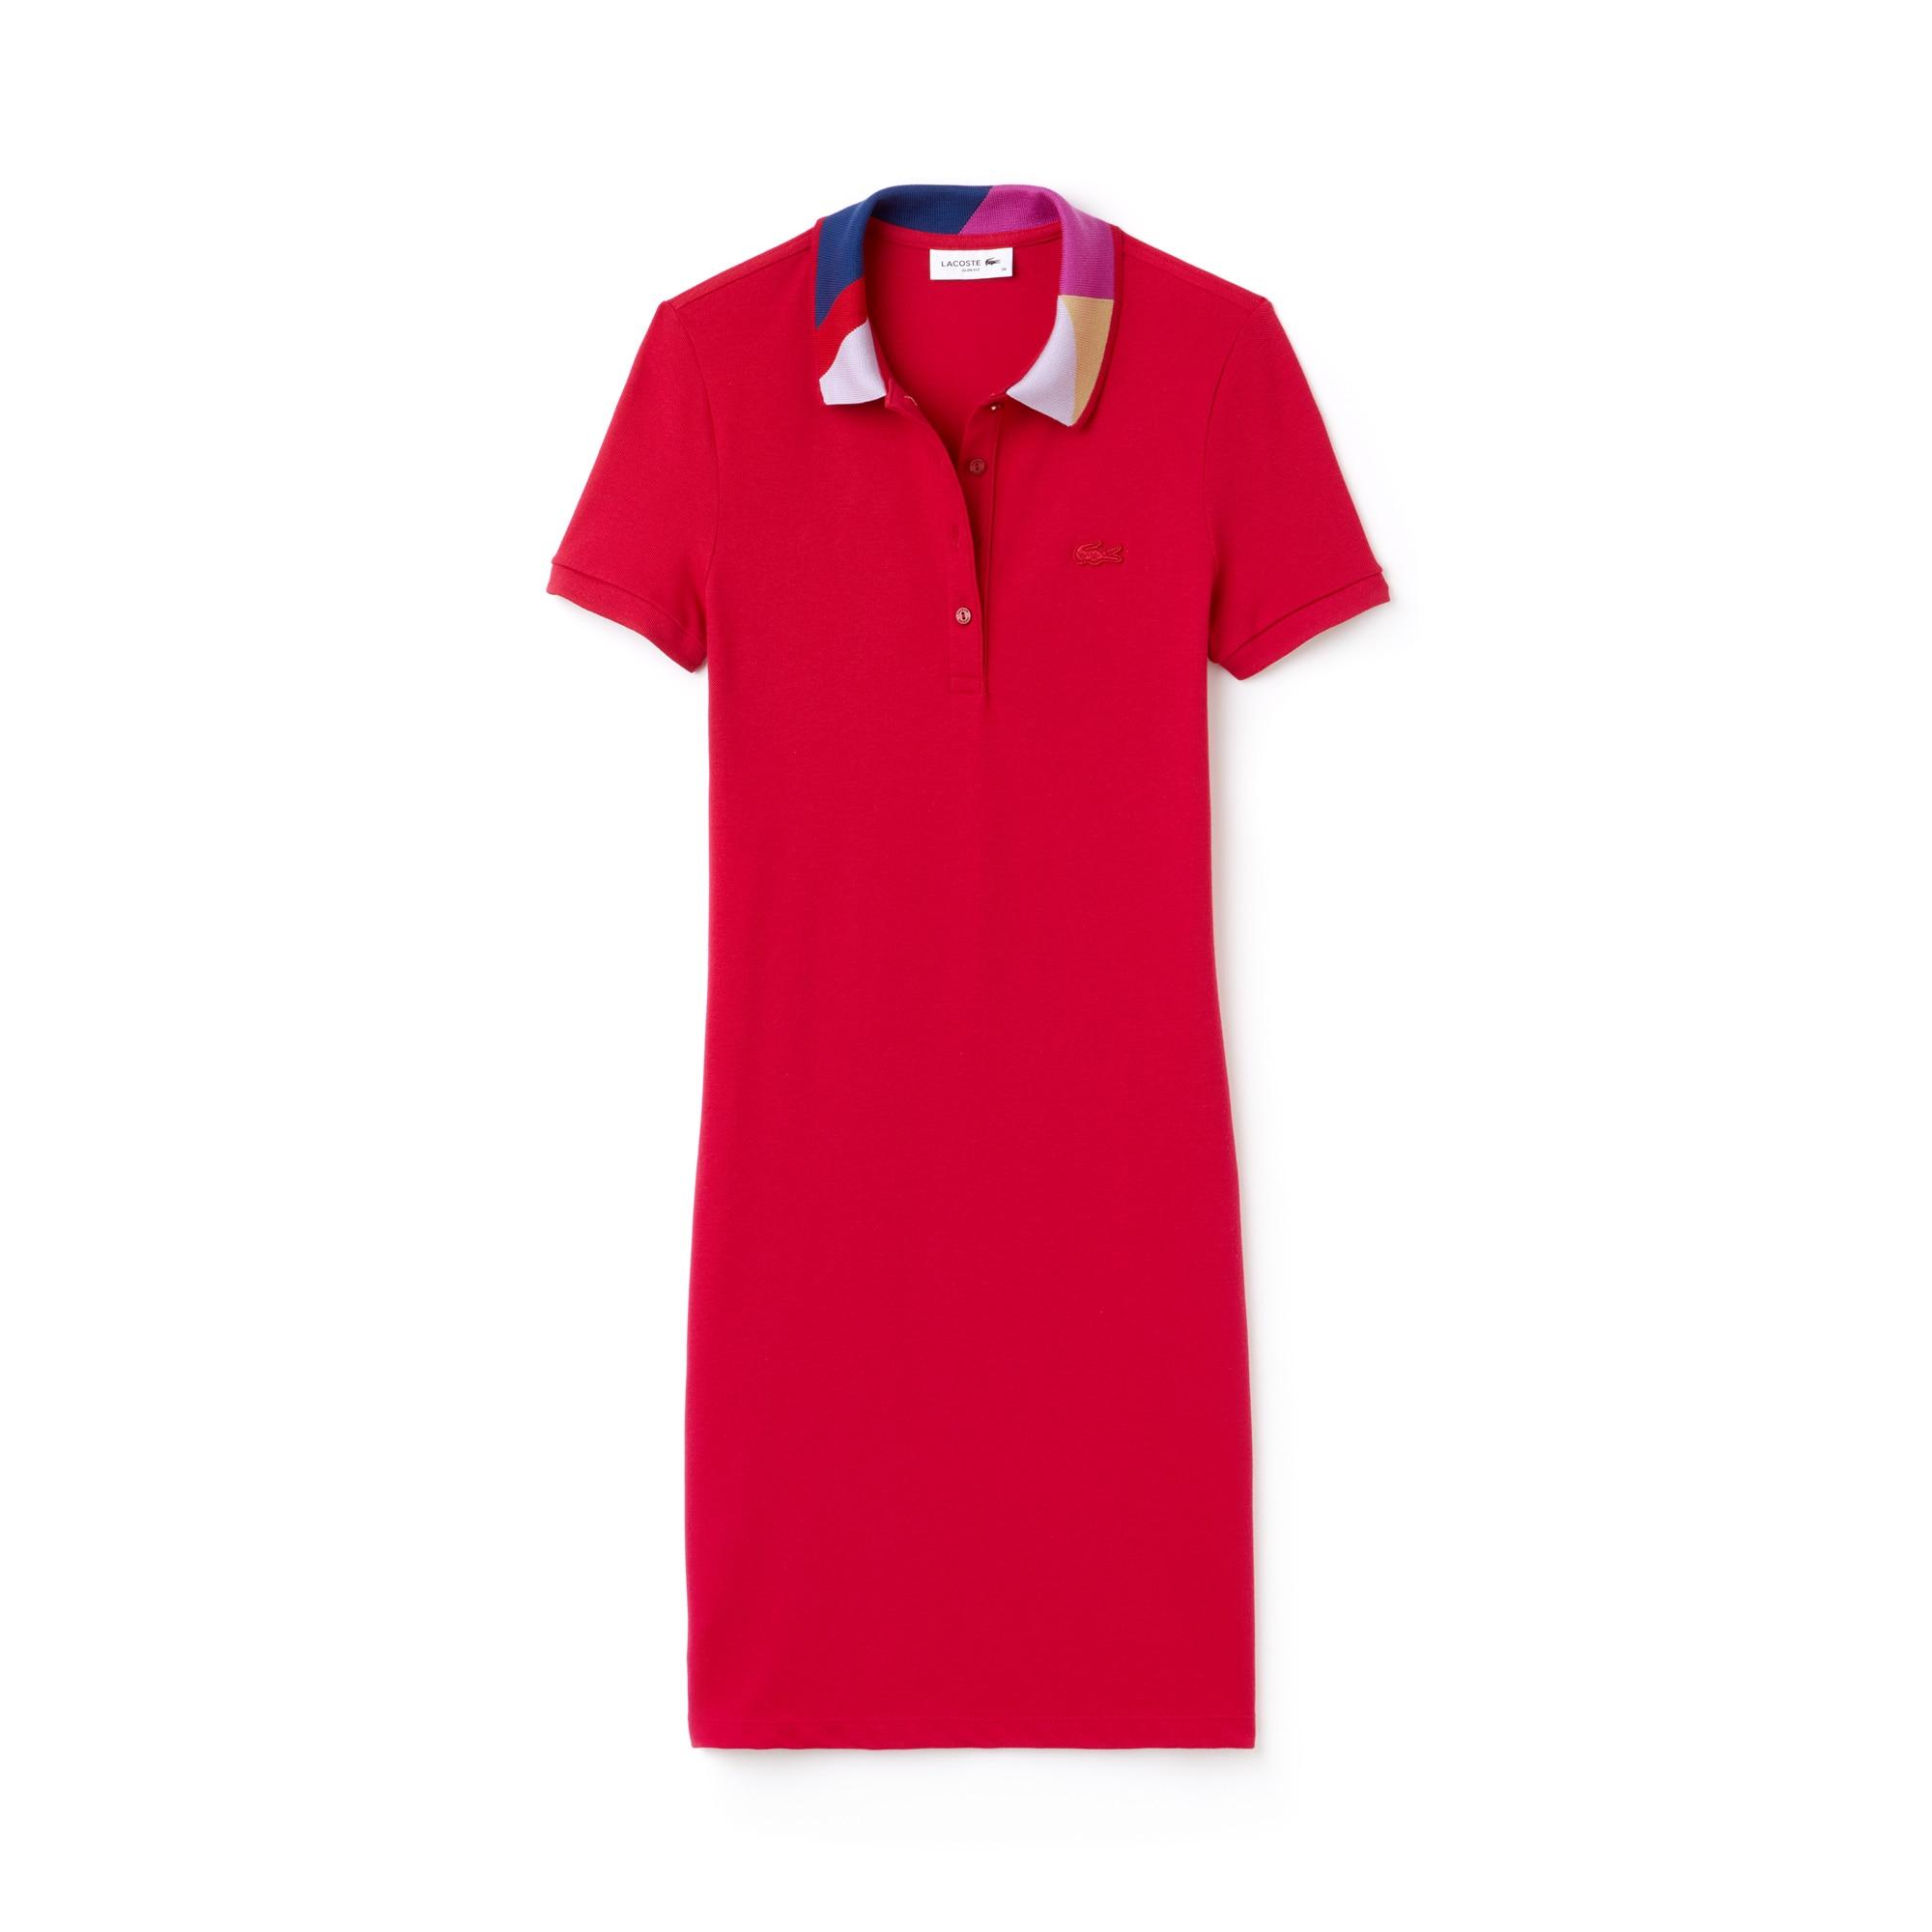 Robe polo slim fit en mini piqué avec col jacquard color block